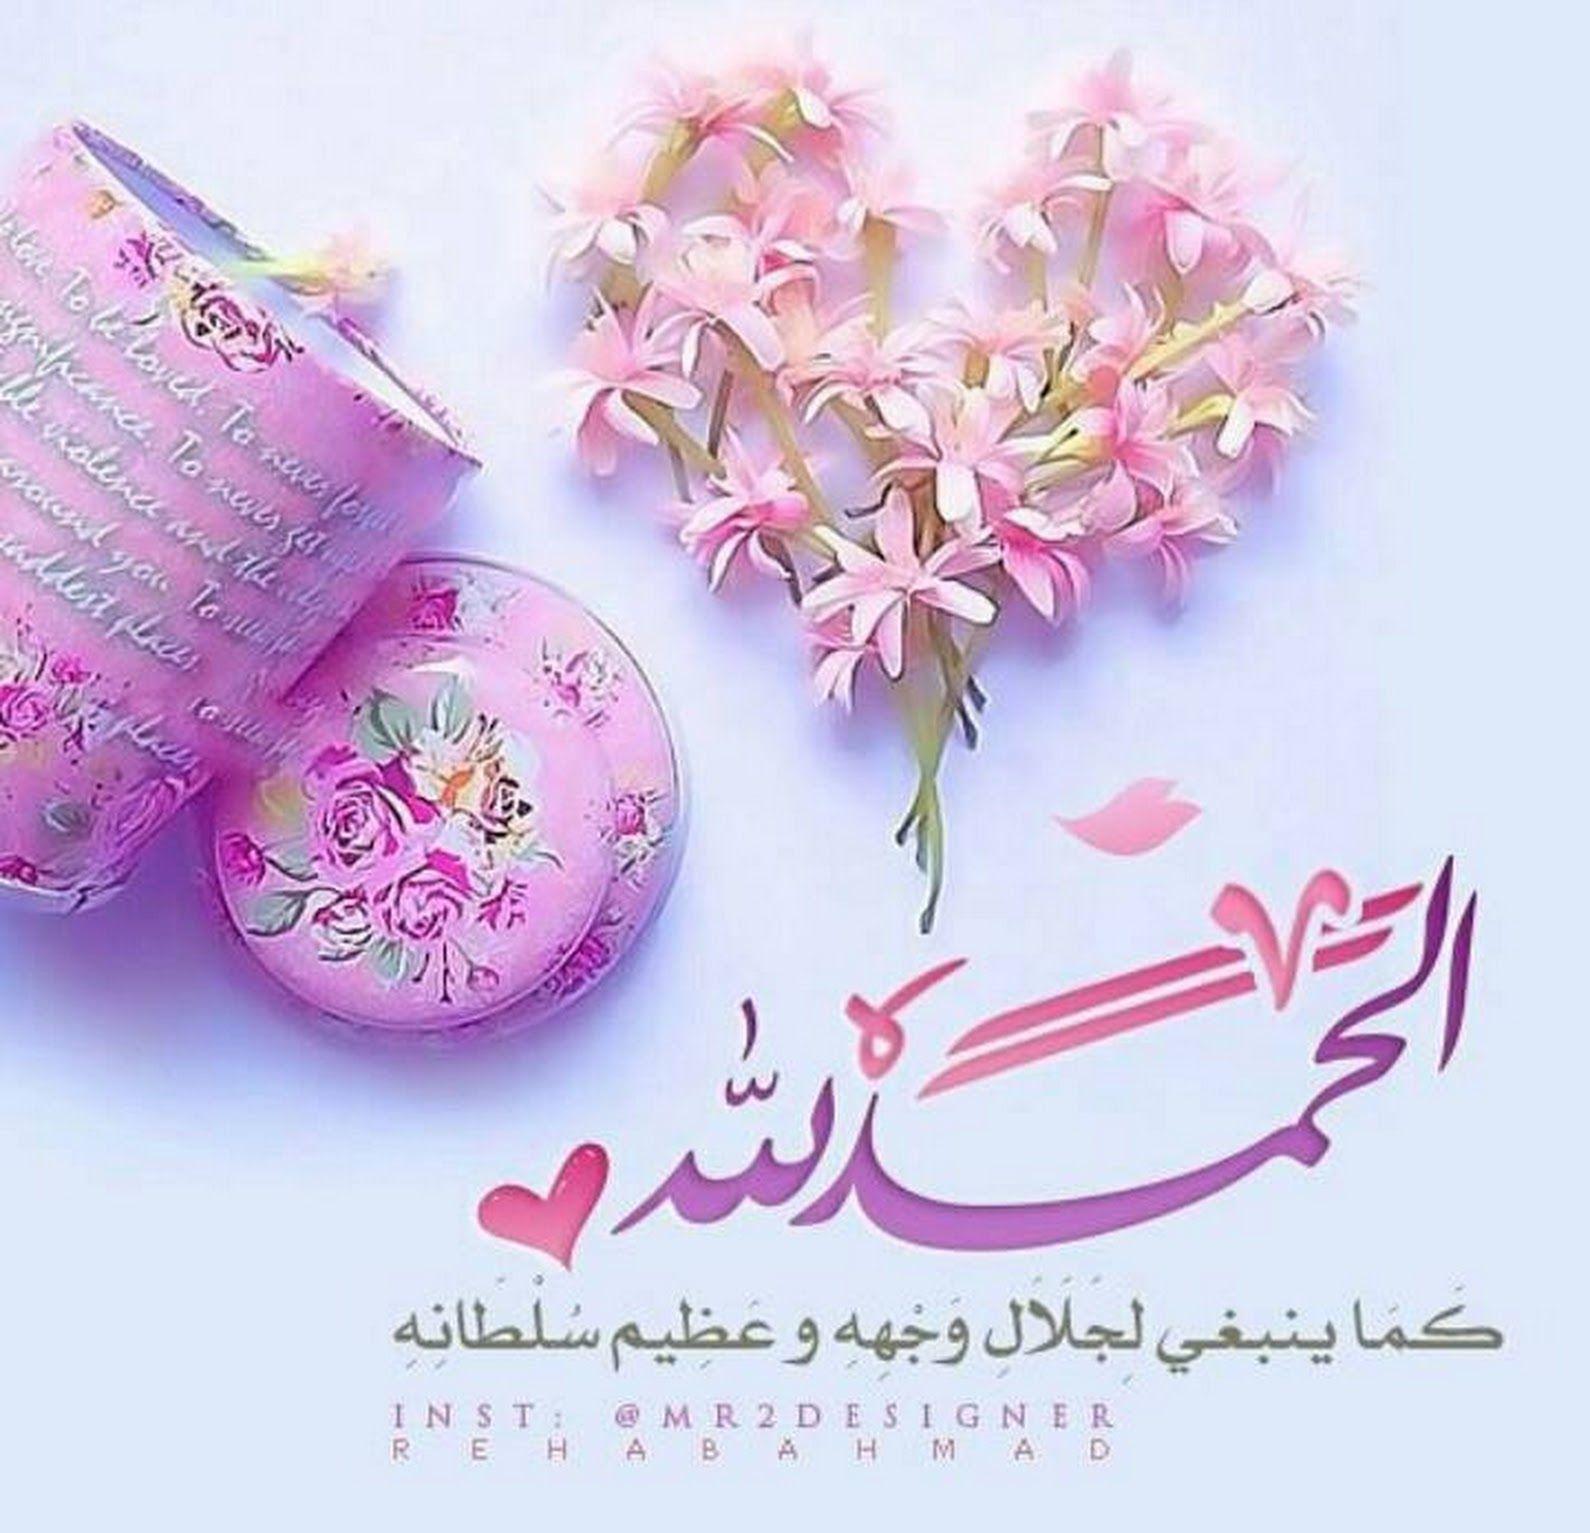 الحمد لله Islamic Posters Beautiful Islamic Quotes Islamic Images